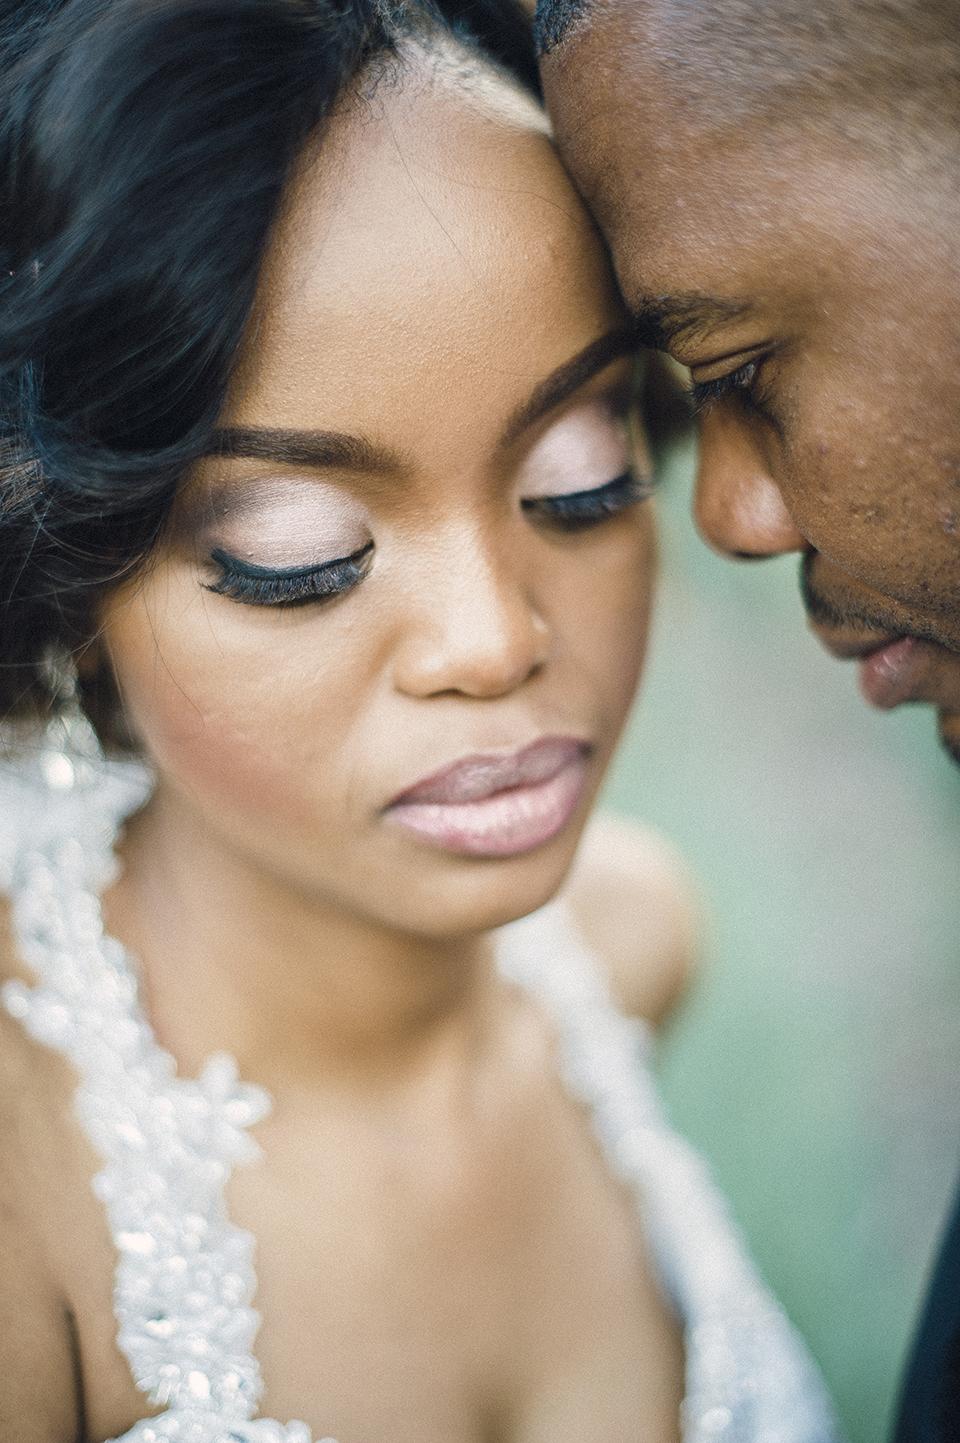 RyanParker_WeddingPhotographer_FineArt_CapeTown_Johannesburg_Hermanus_Avianto_T&L_DSC_9287.jpg